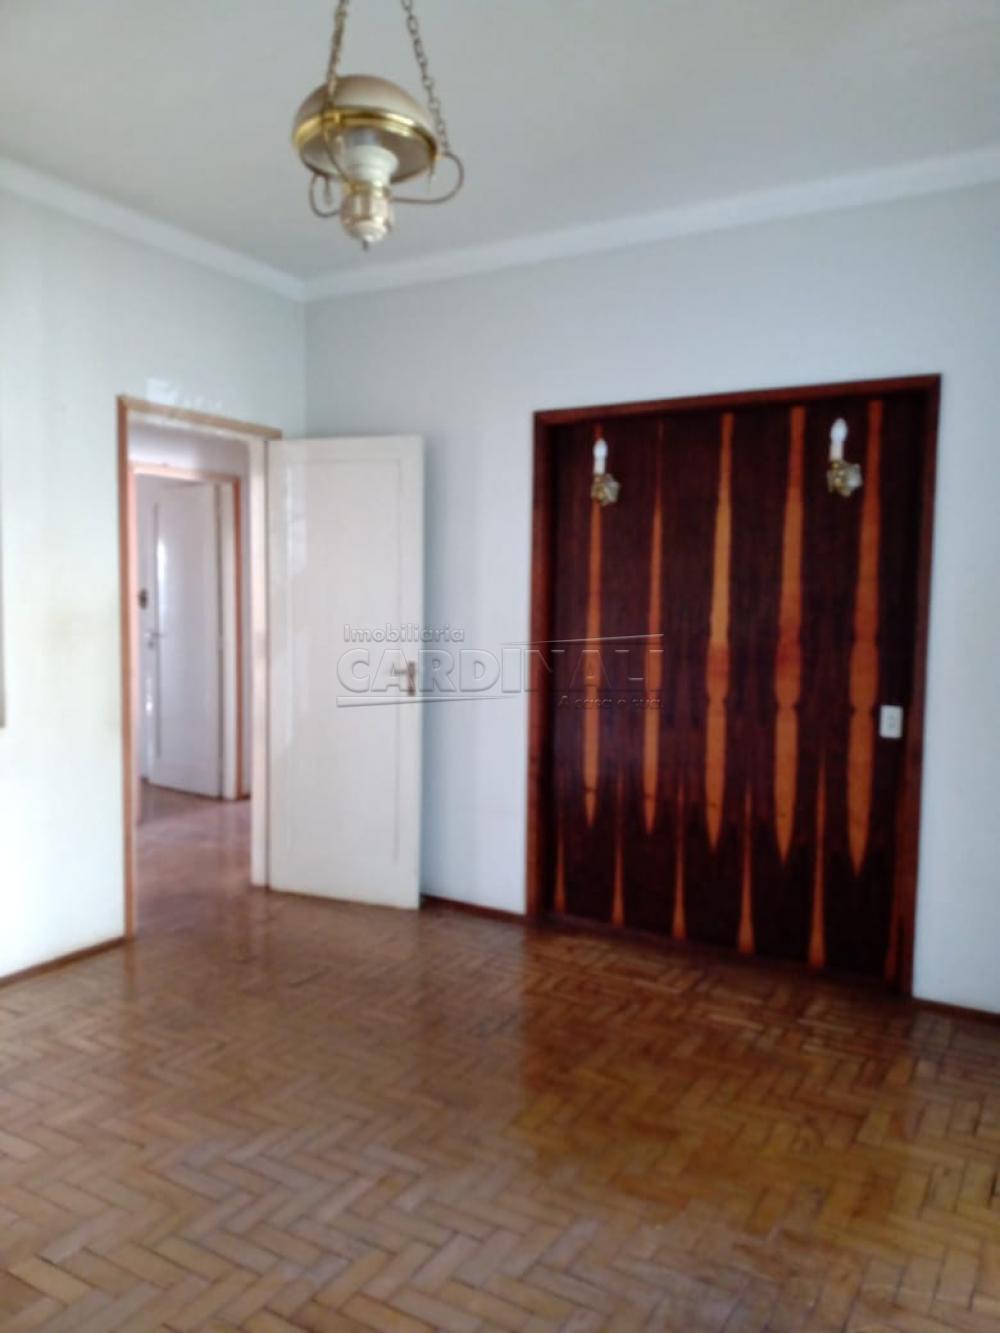 Comprar Casa / Padrão em São Carlos R$ 450.000,00 - Foto 14